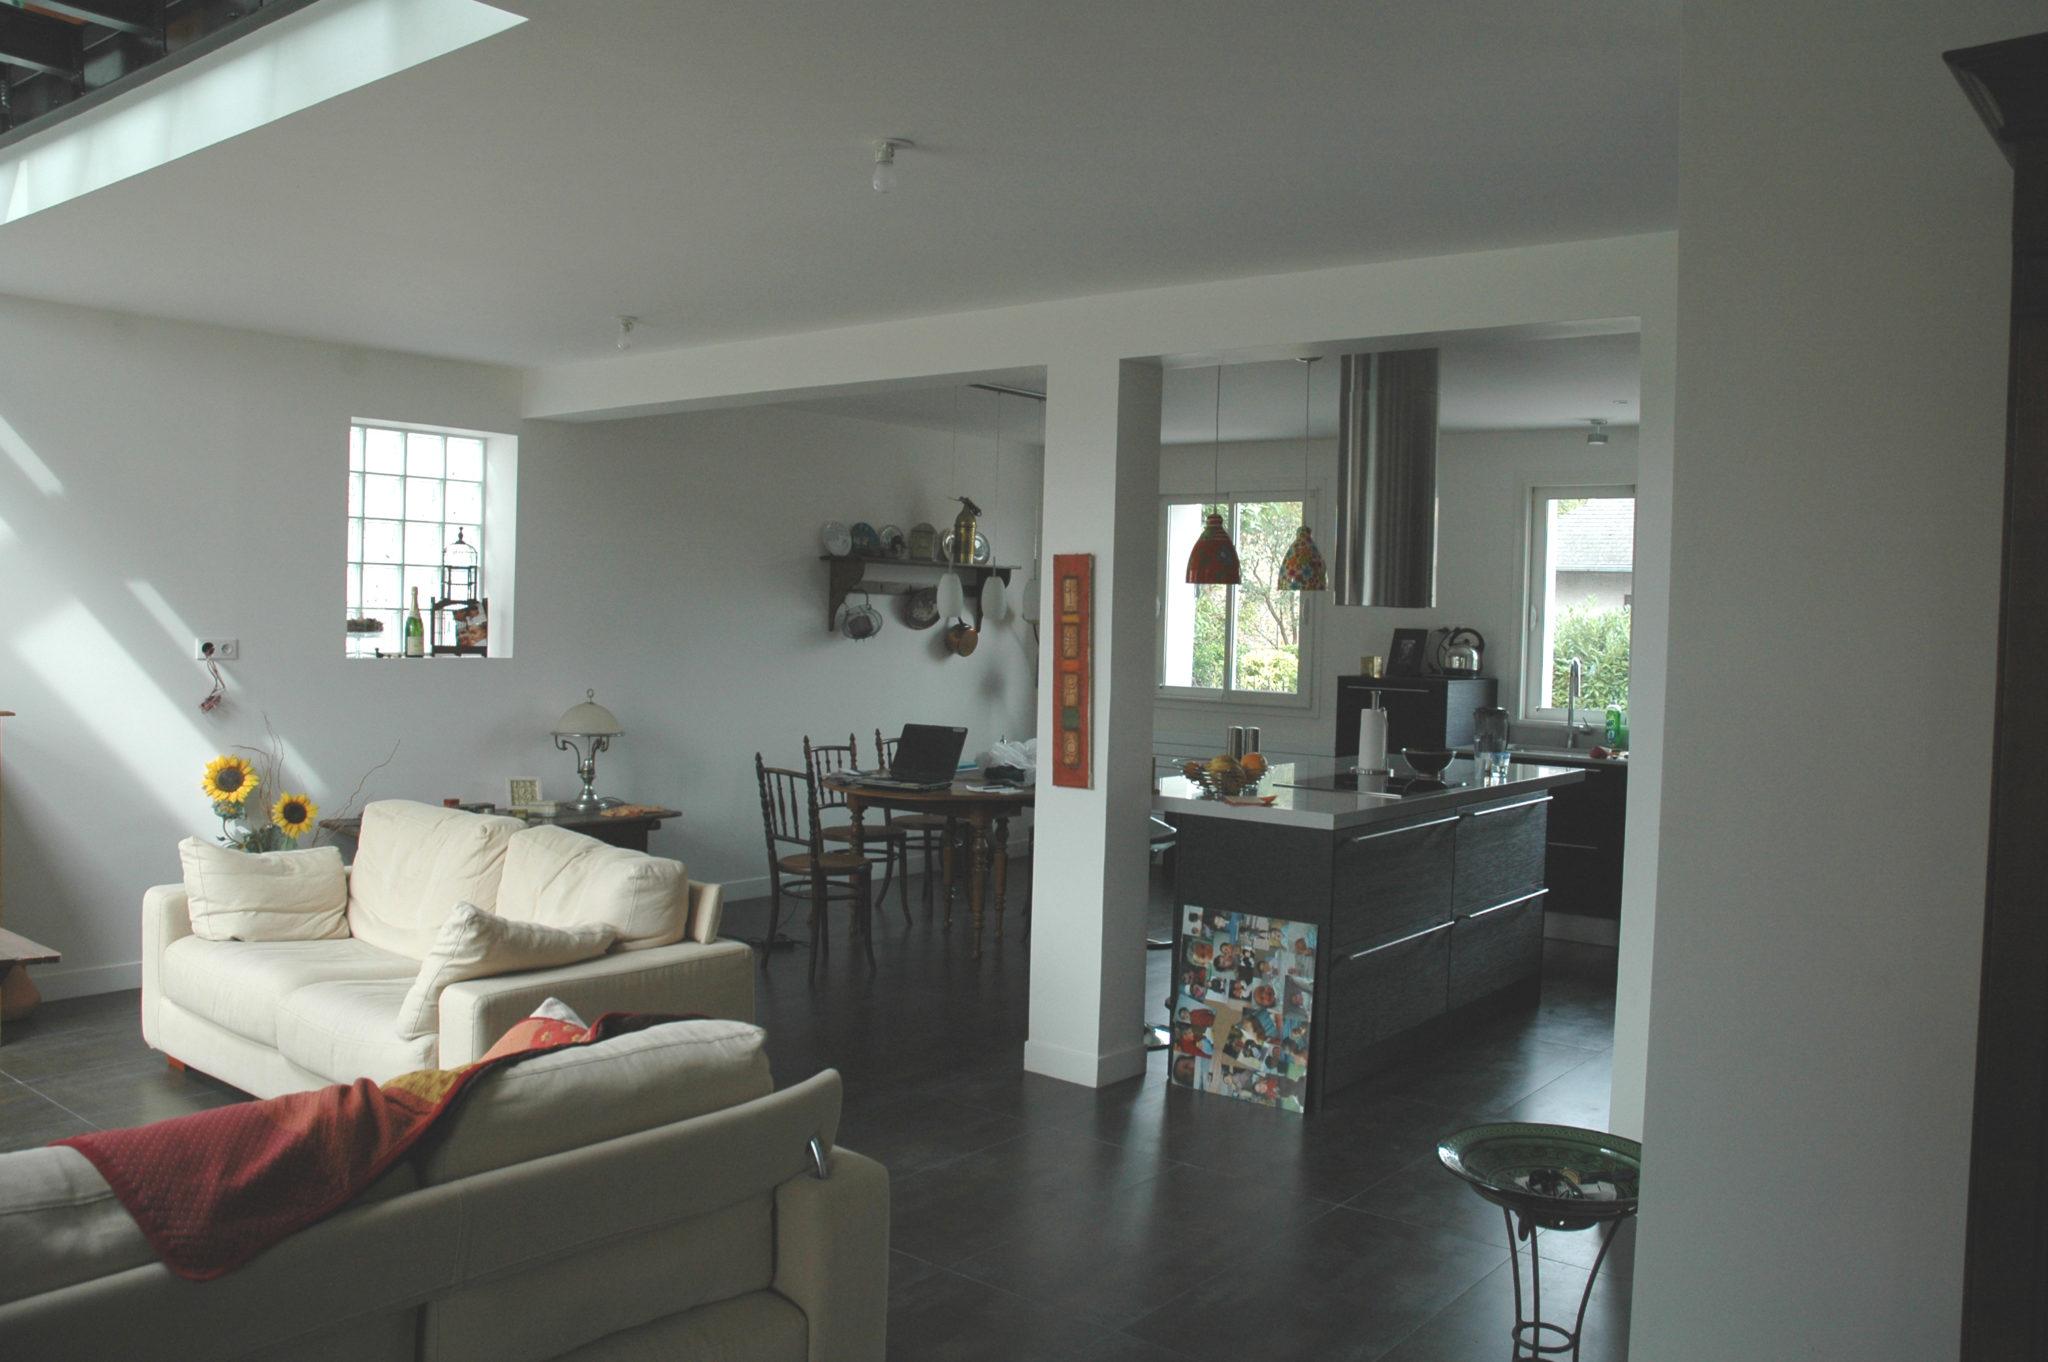 Photo du salon réaménagé d'une maison rénovée